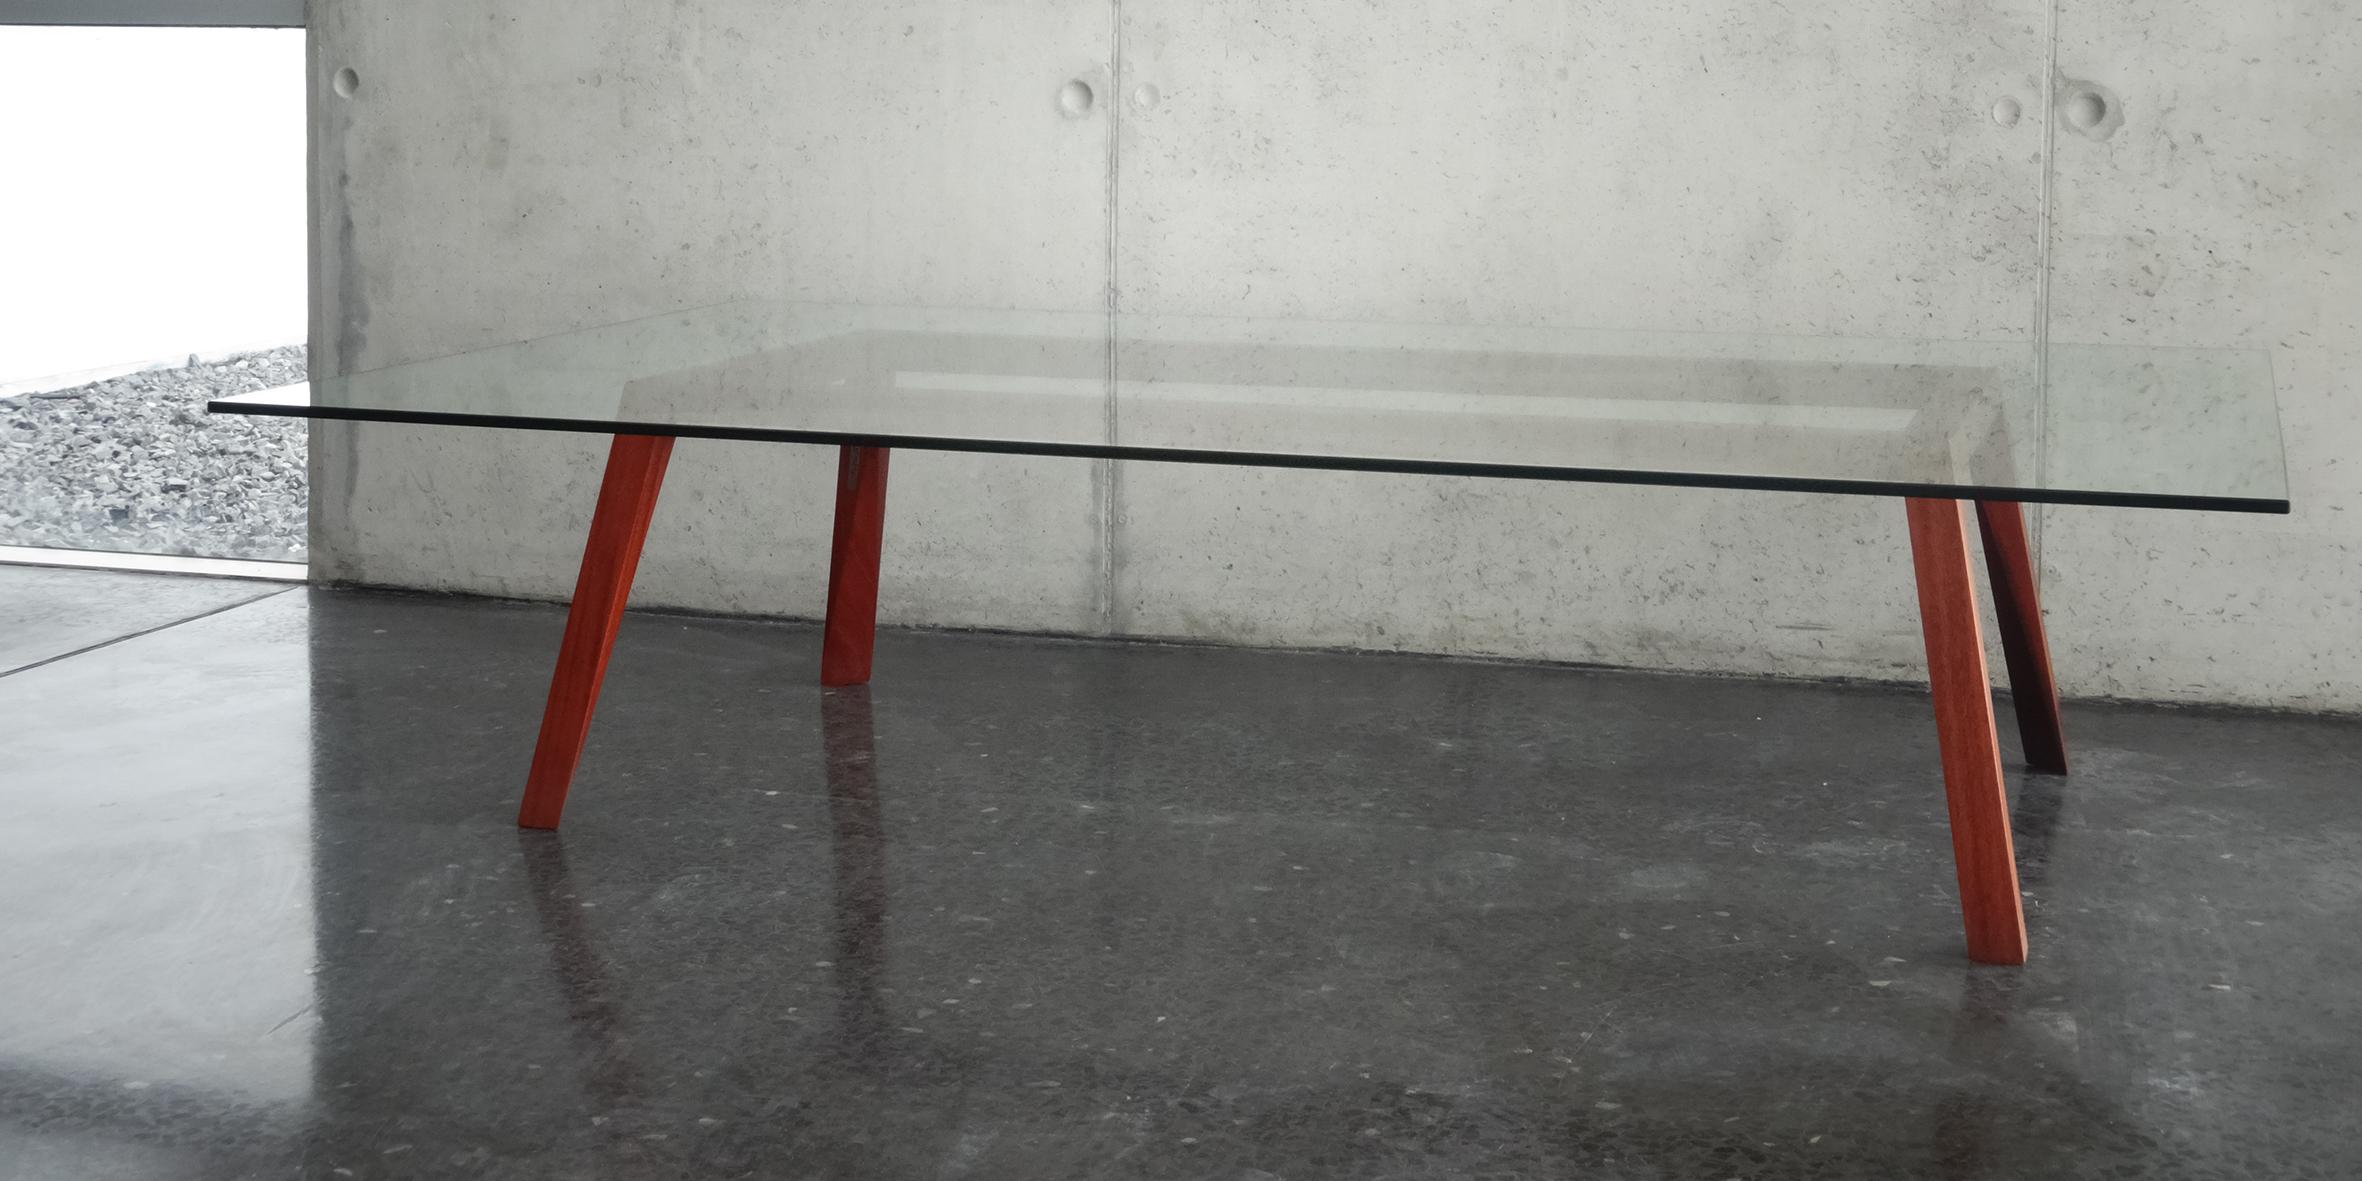 coffee table 1, mahogany, 1600 l x 1000 w x 400 h